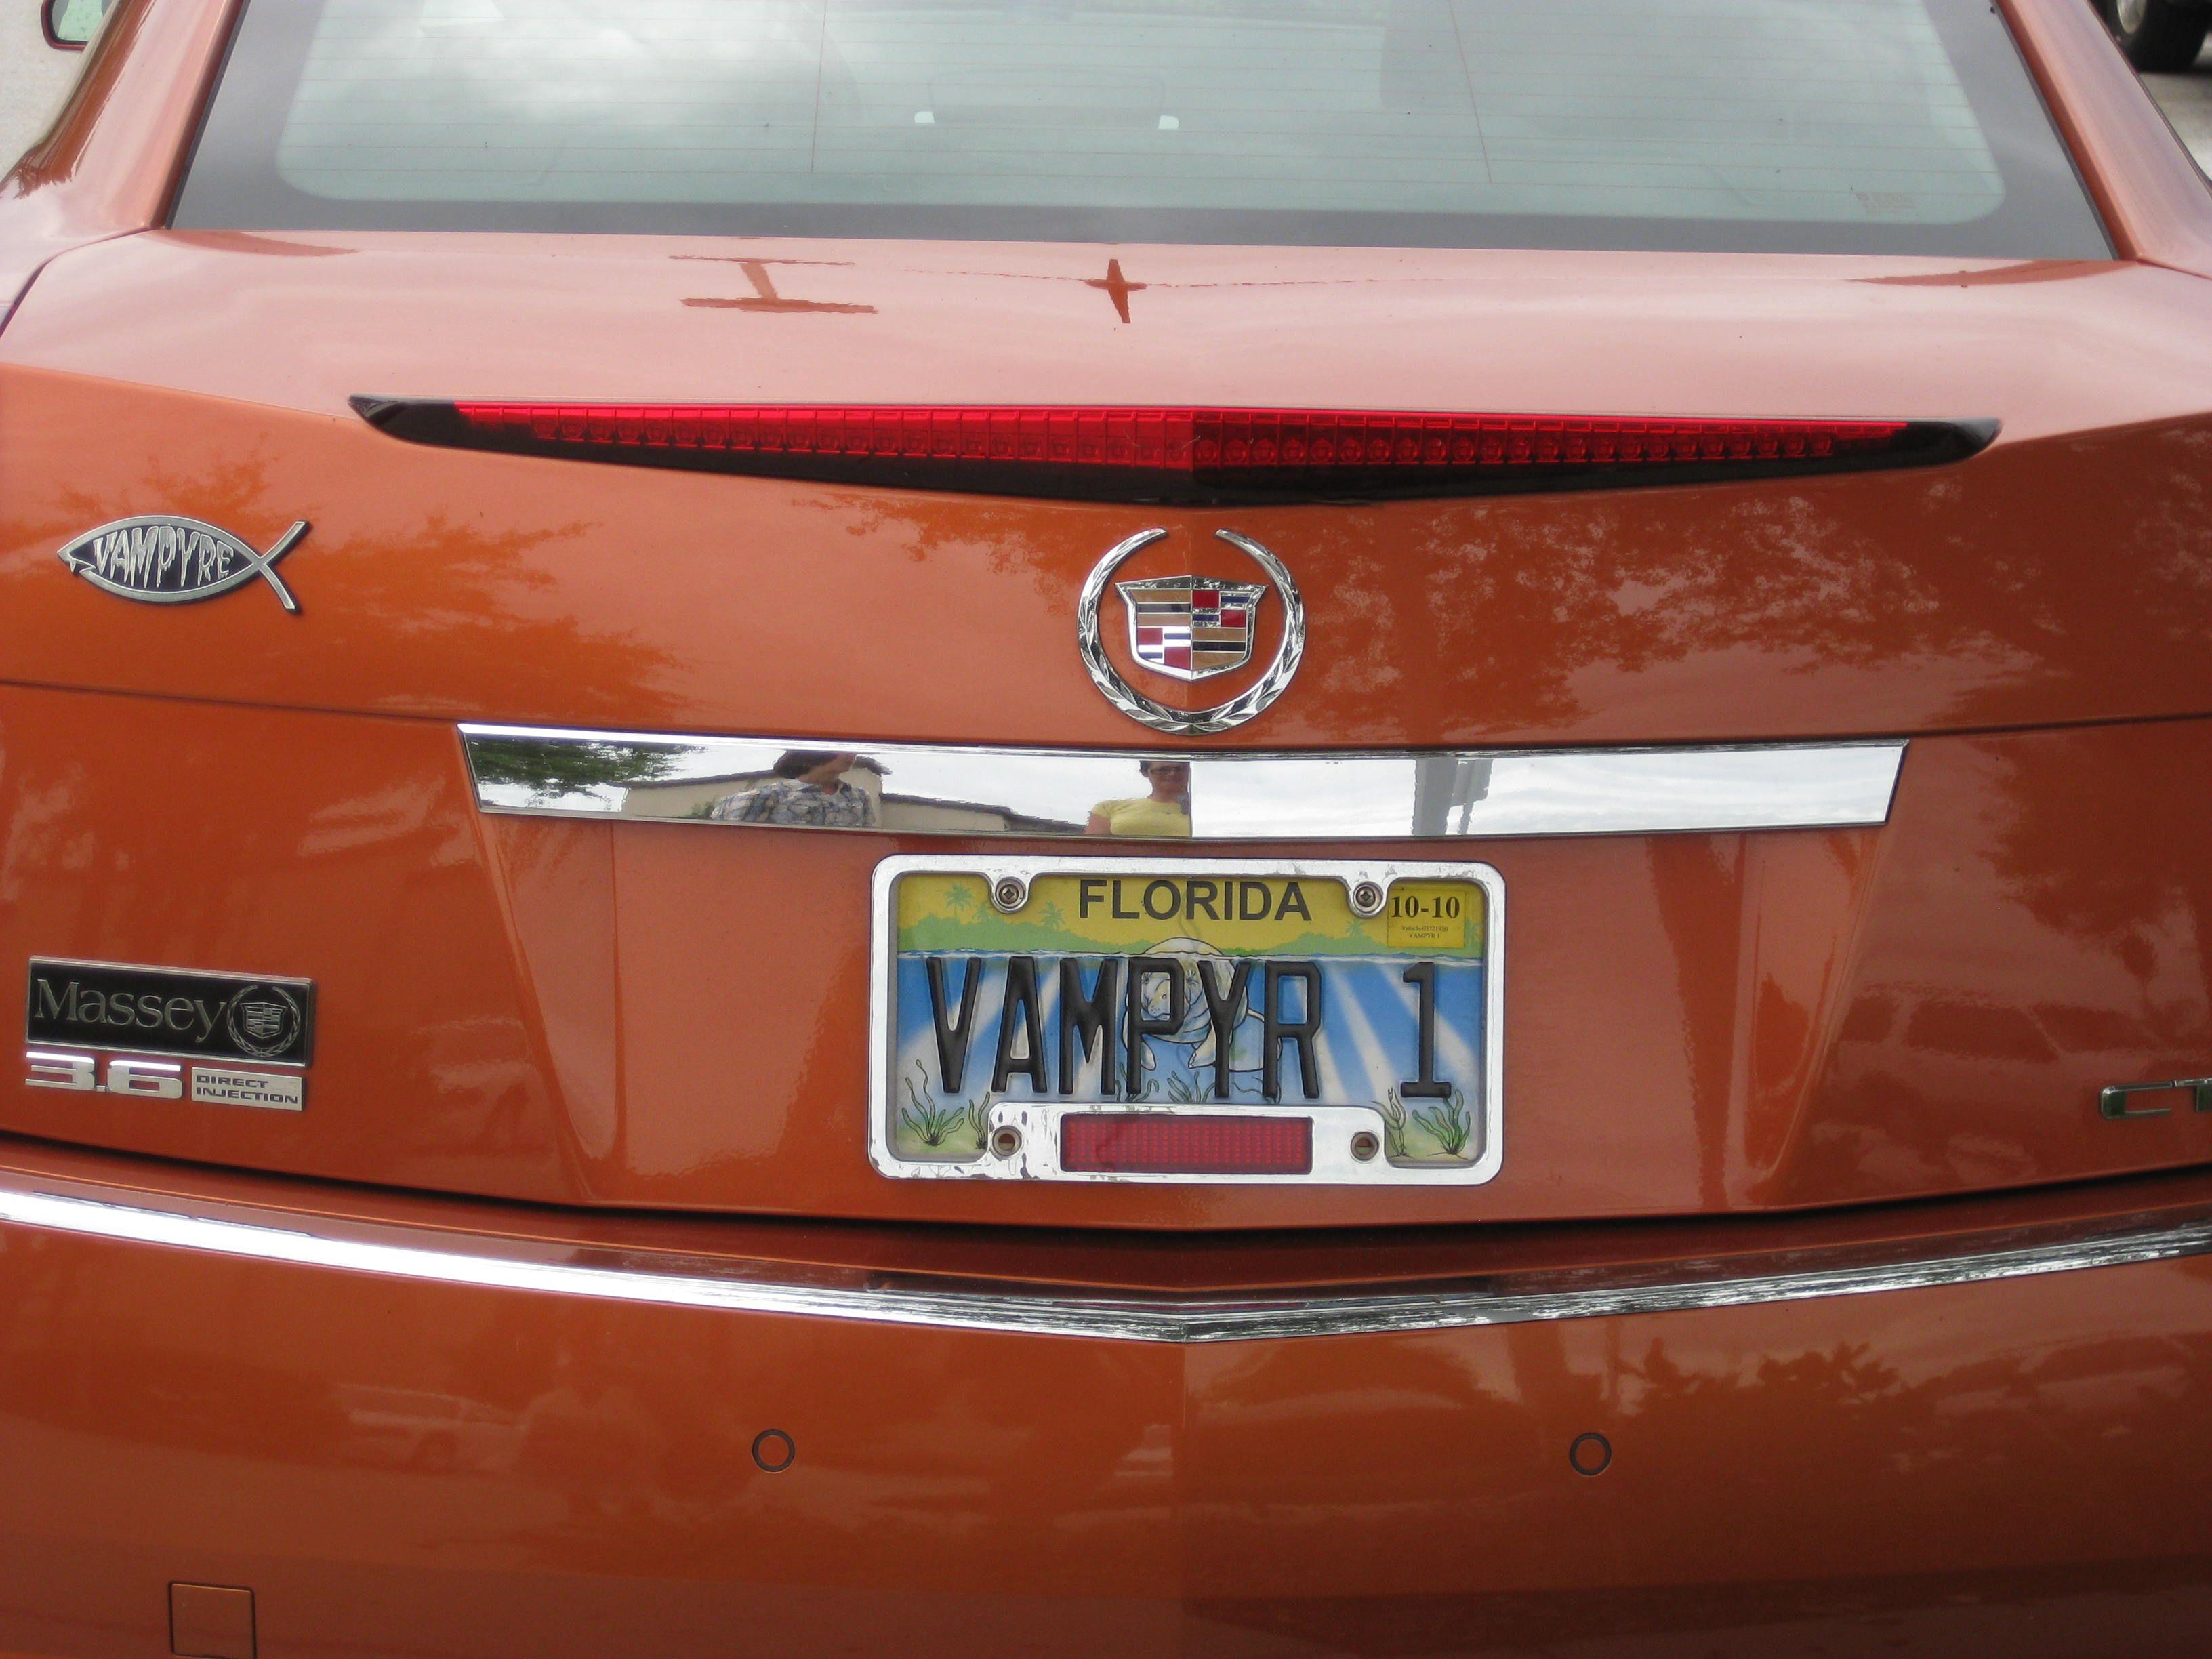 Vampire 1?